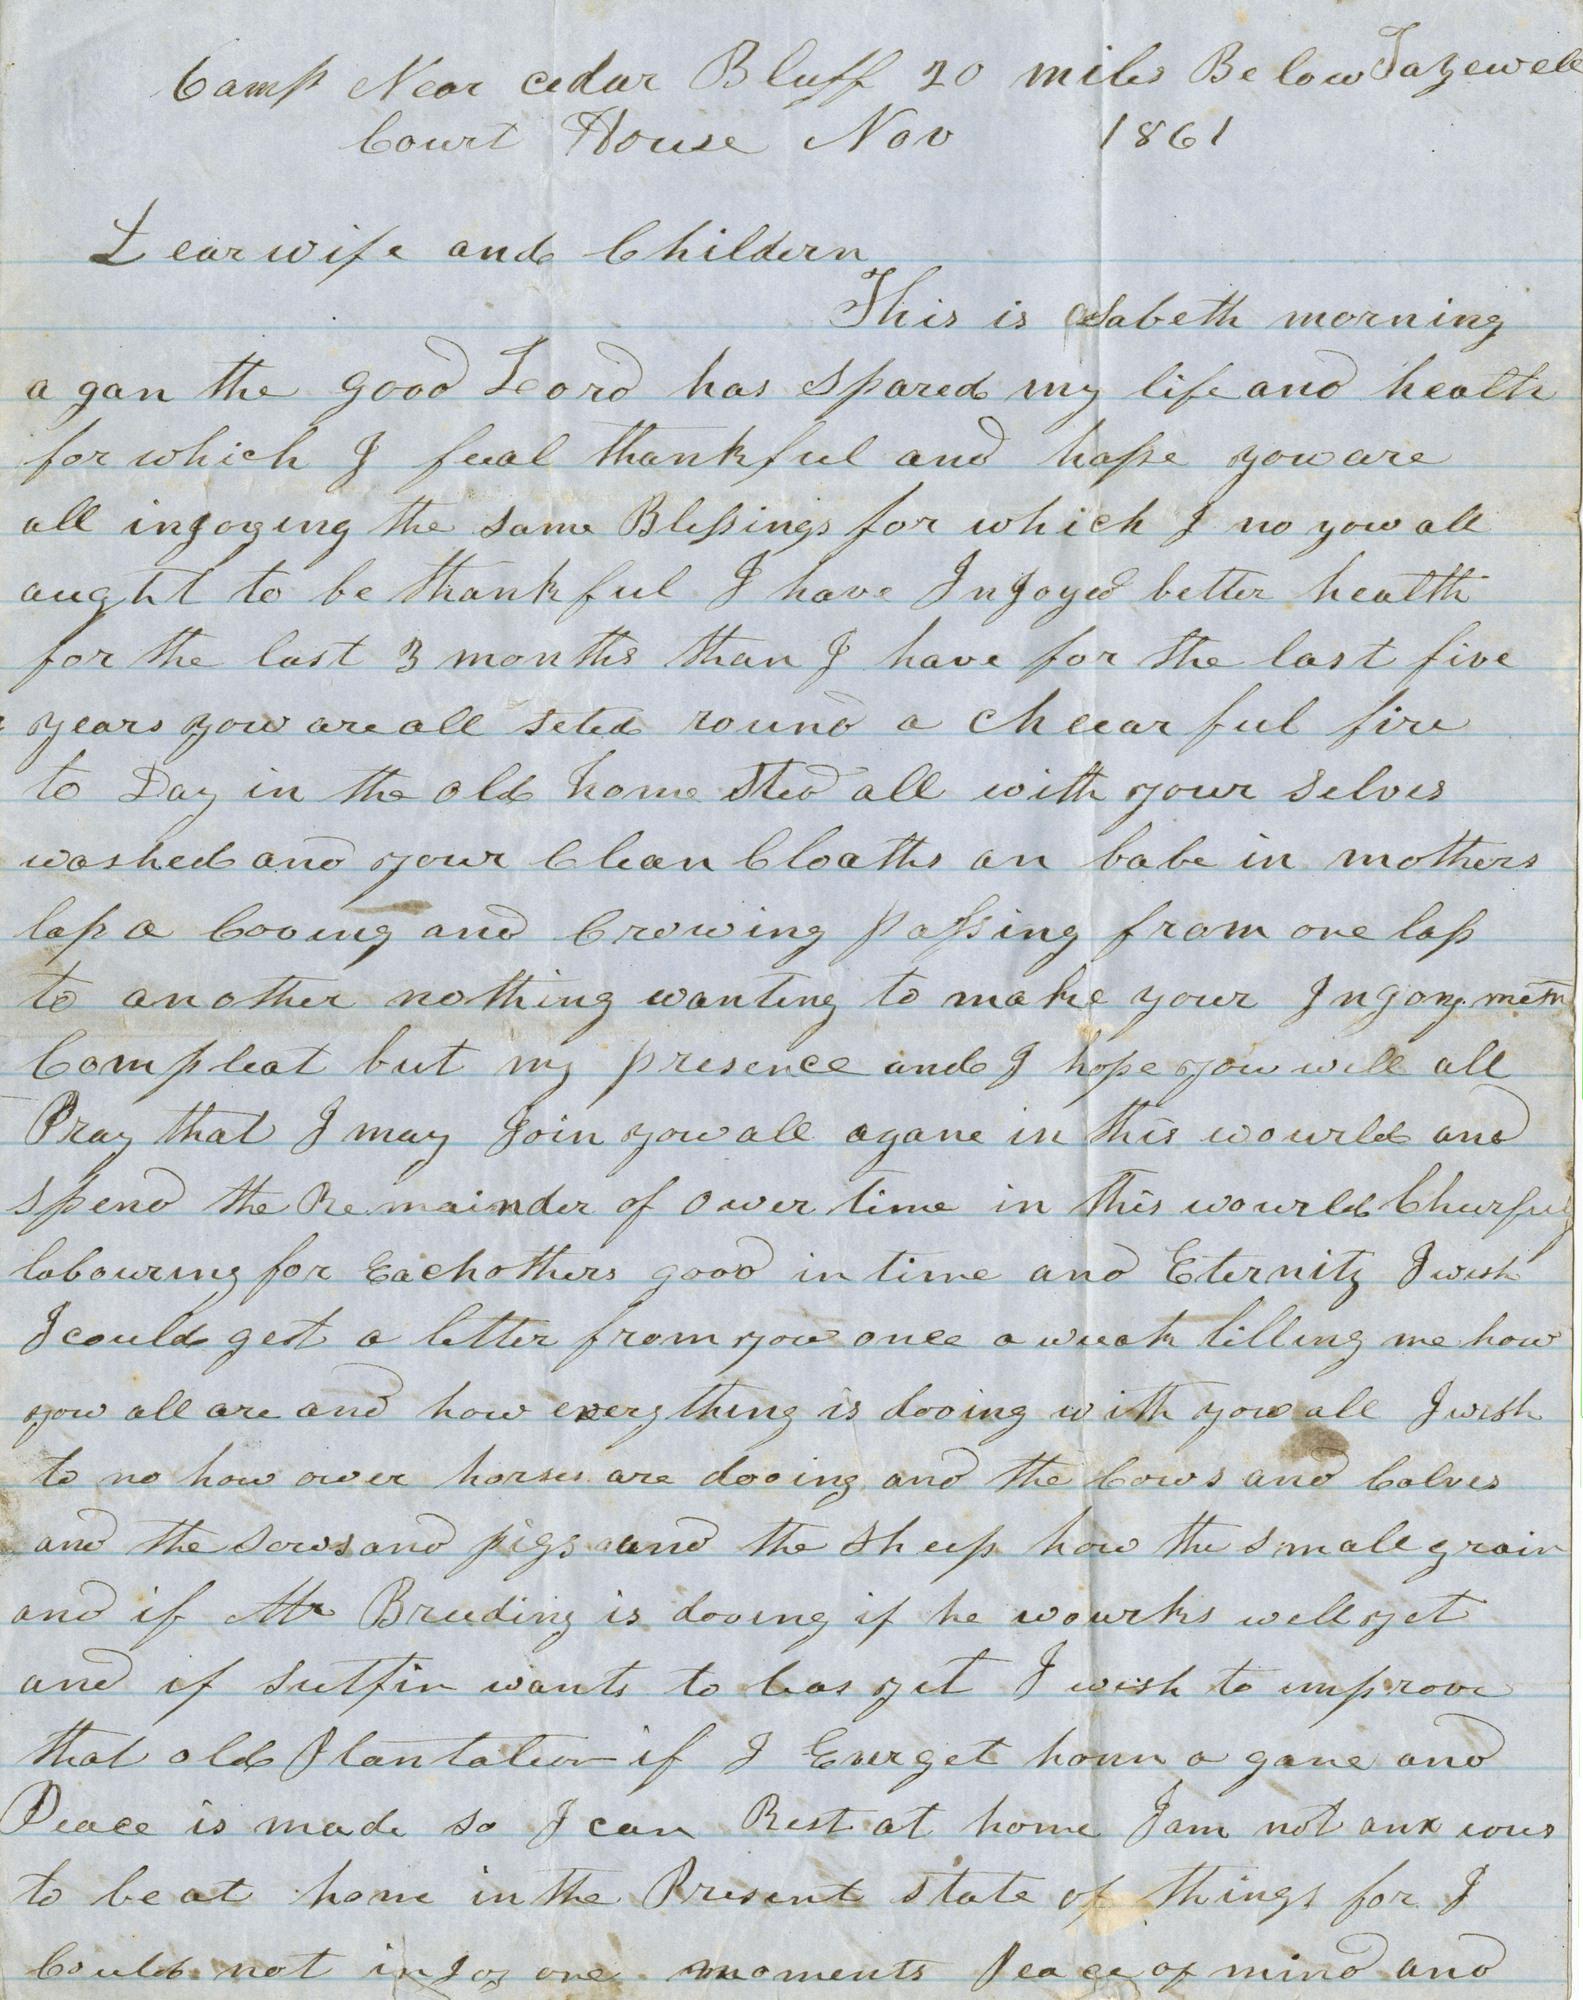 Ms2009-112_CarnahanJohnNewton_Letter_1861_11a.jpg